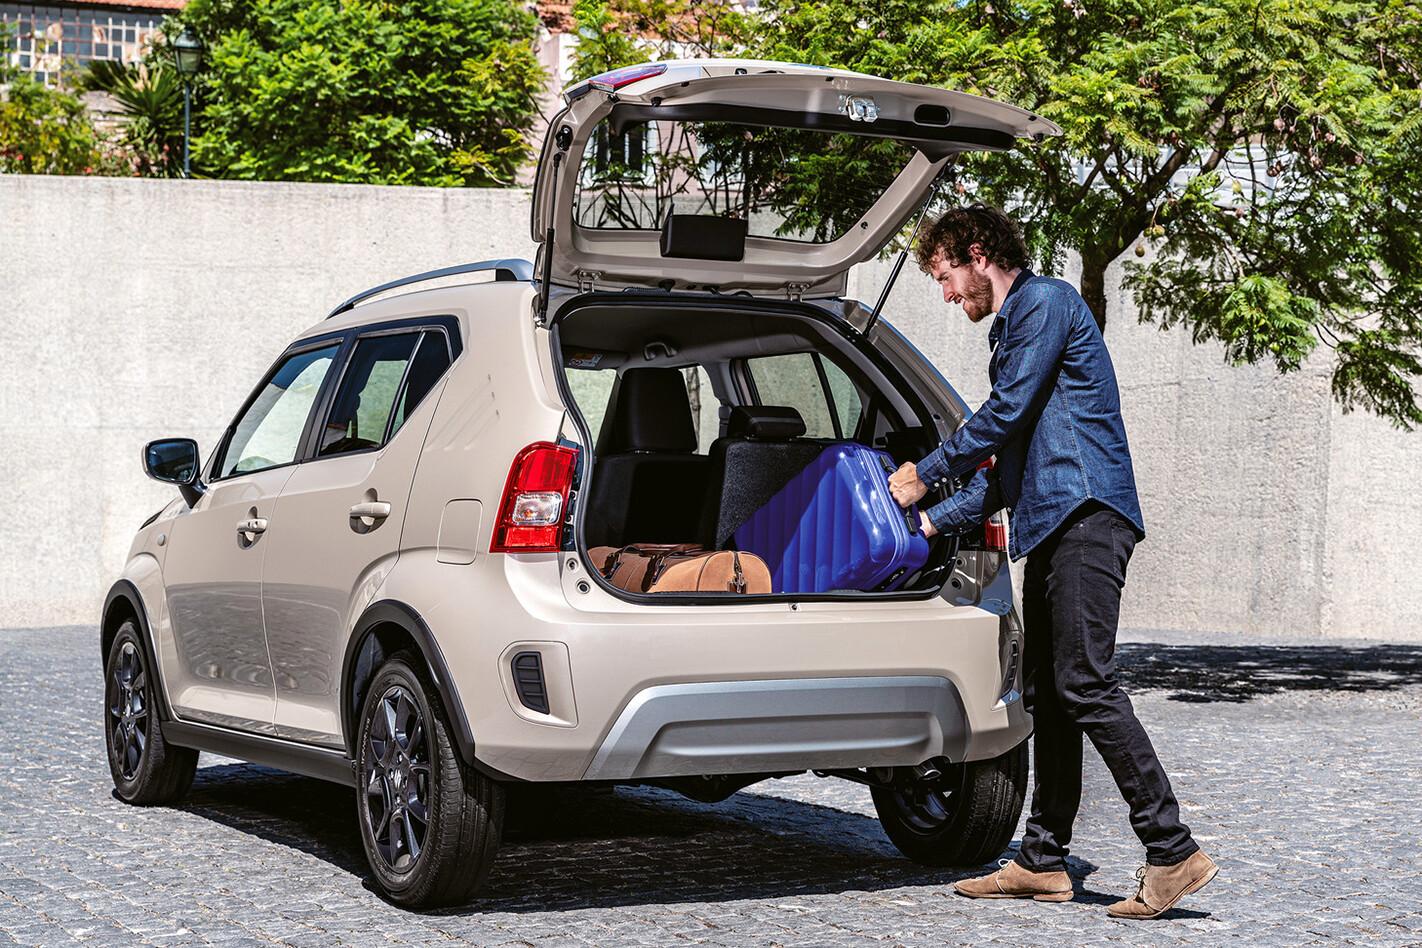 Suzuki Ignis boot pace